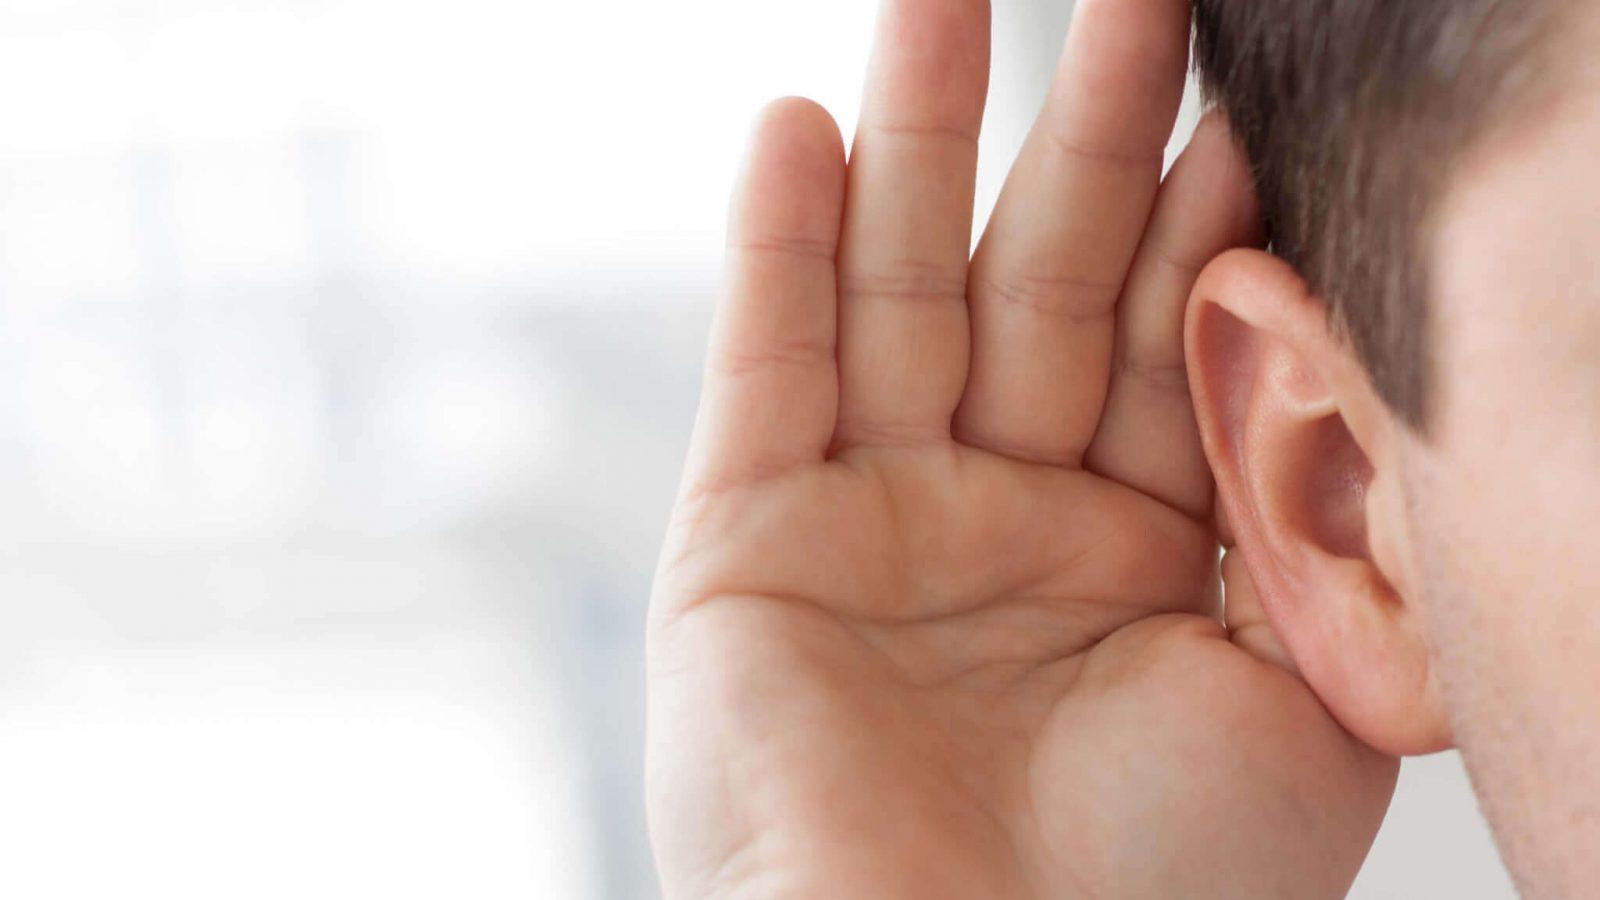 دلّك أذنيك وتخلّص من التوتر والوزن الزائد